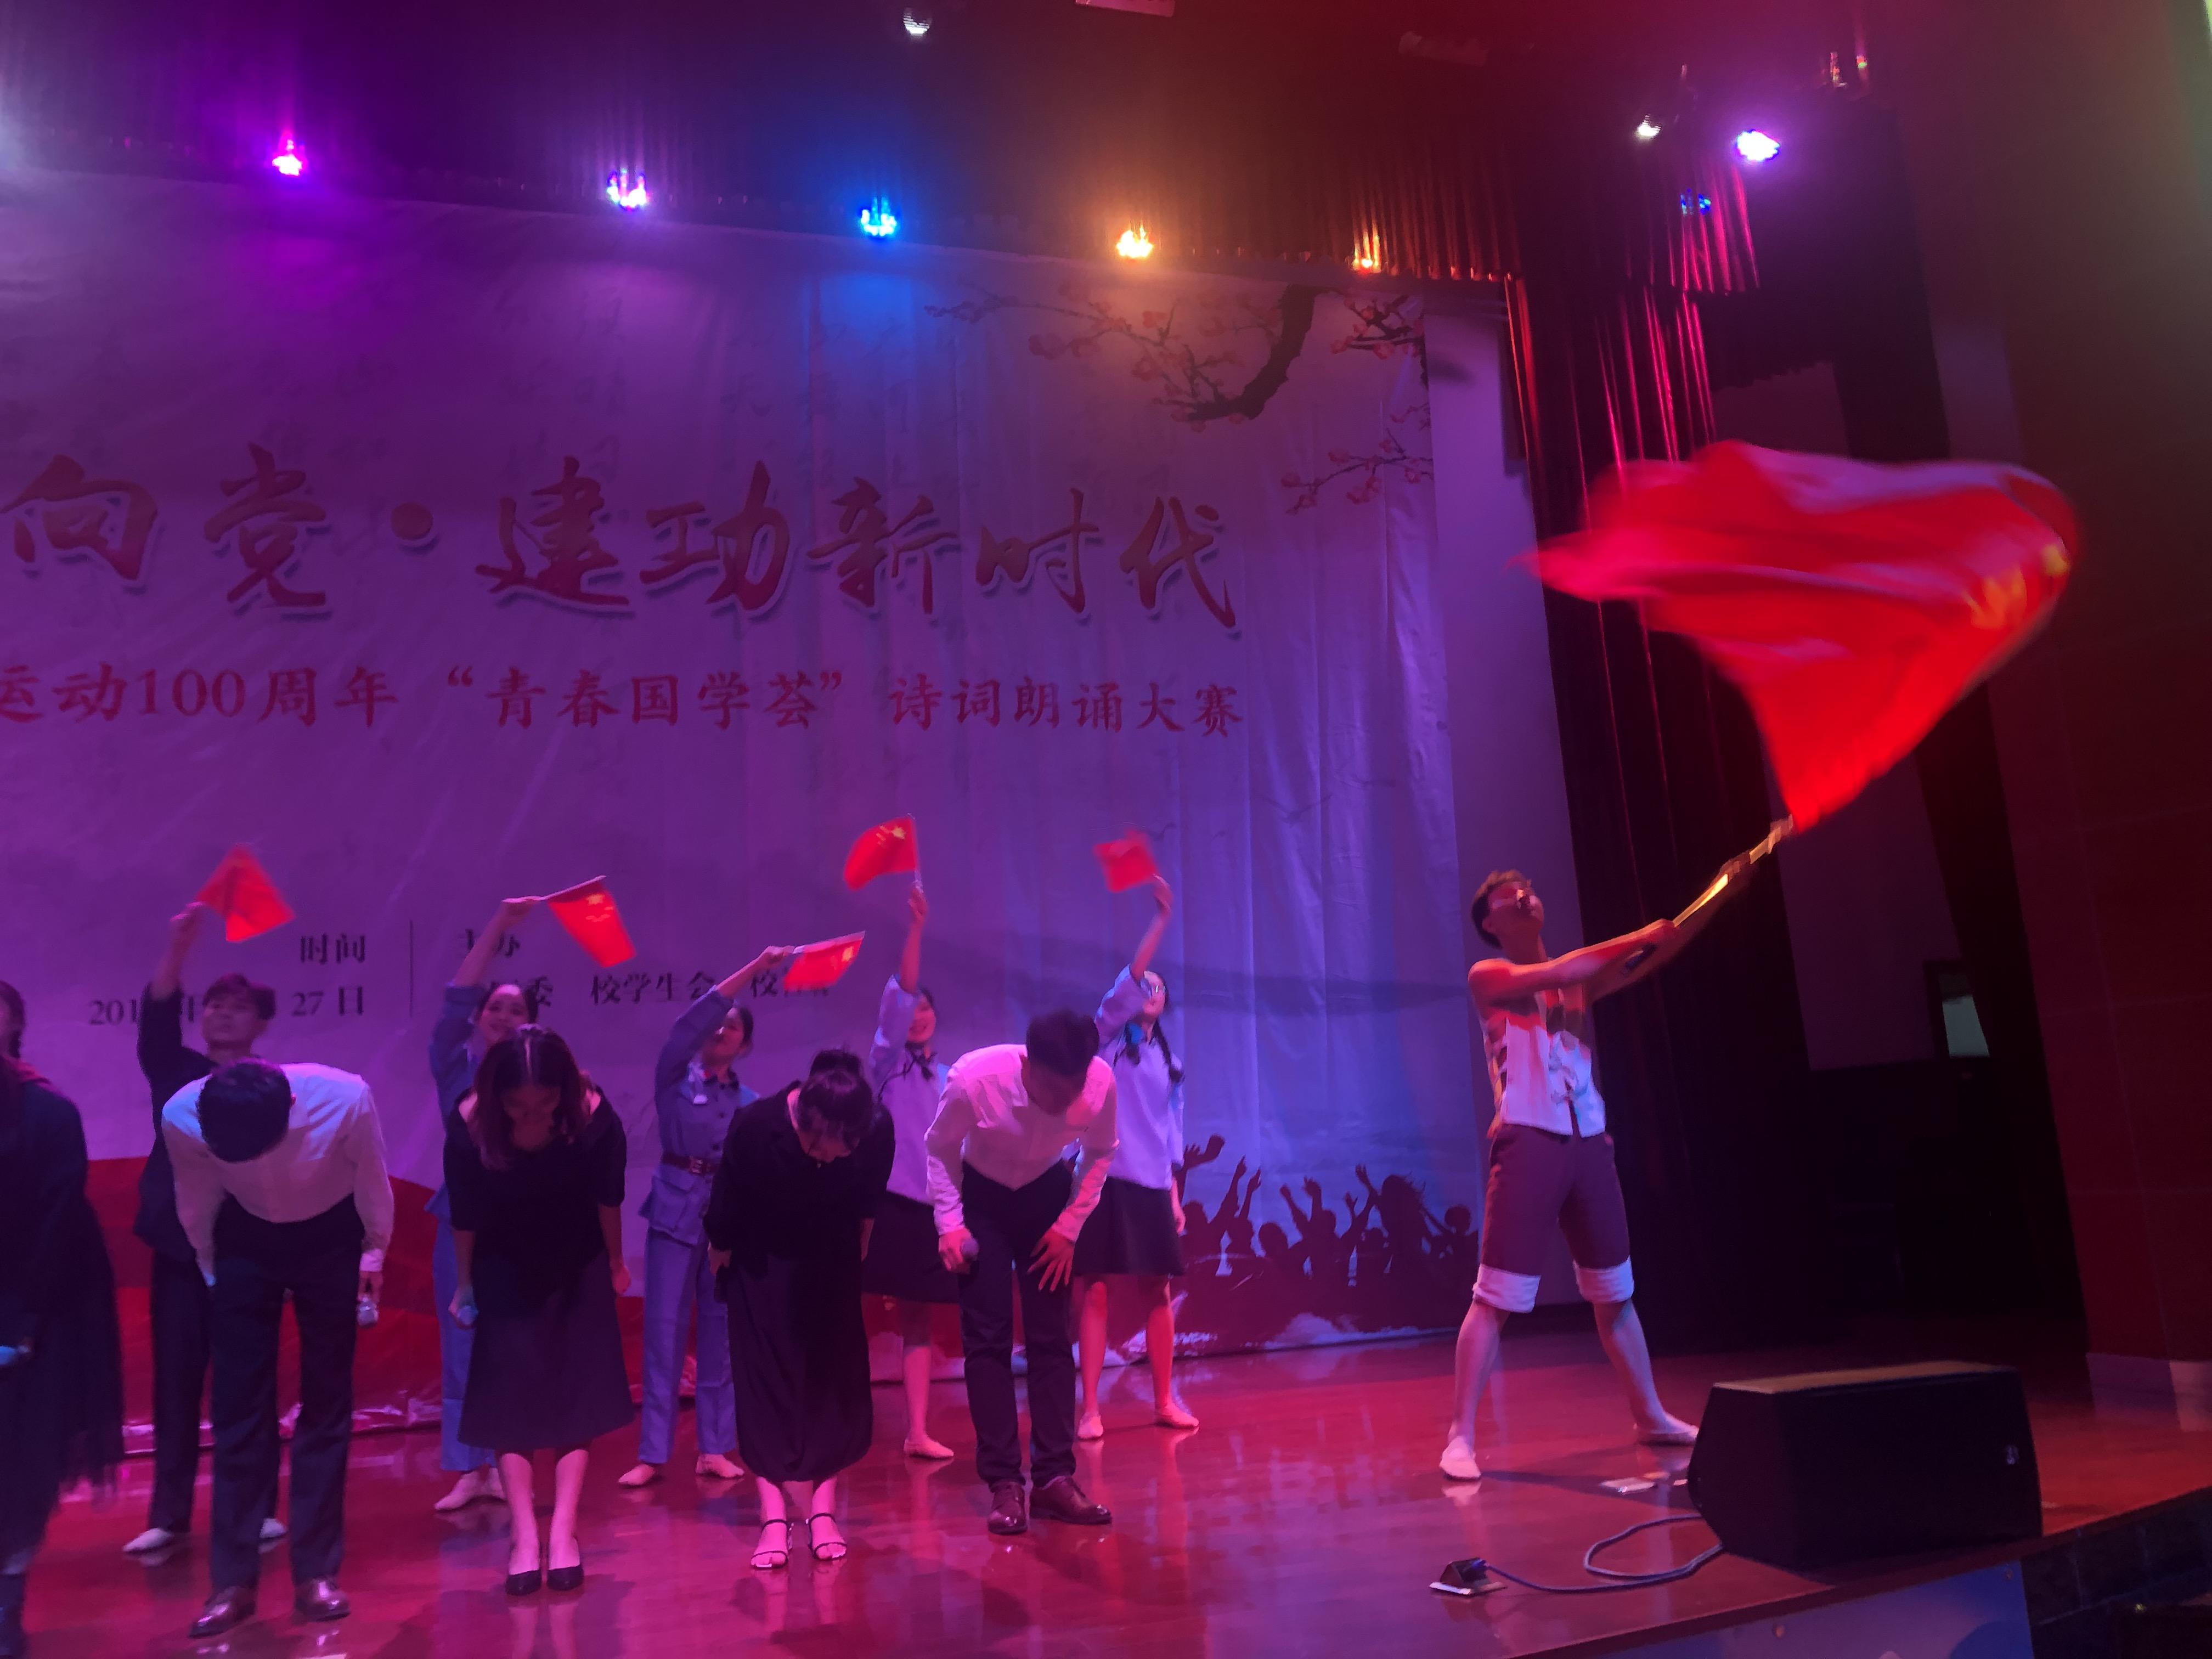 音乐学院参加纪念五四运动100周年